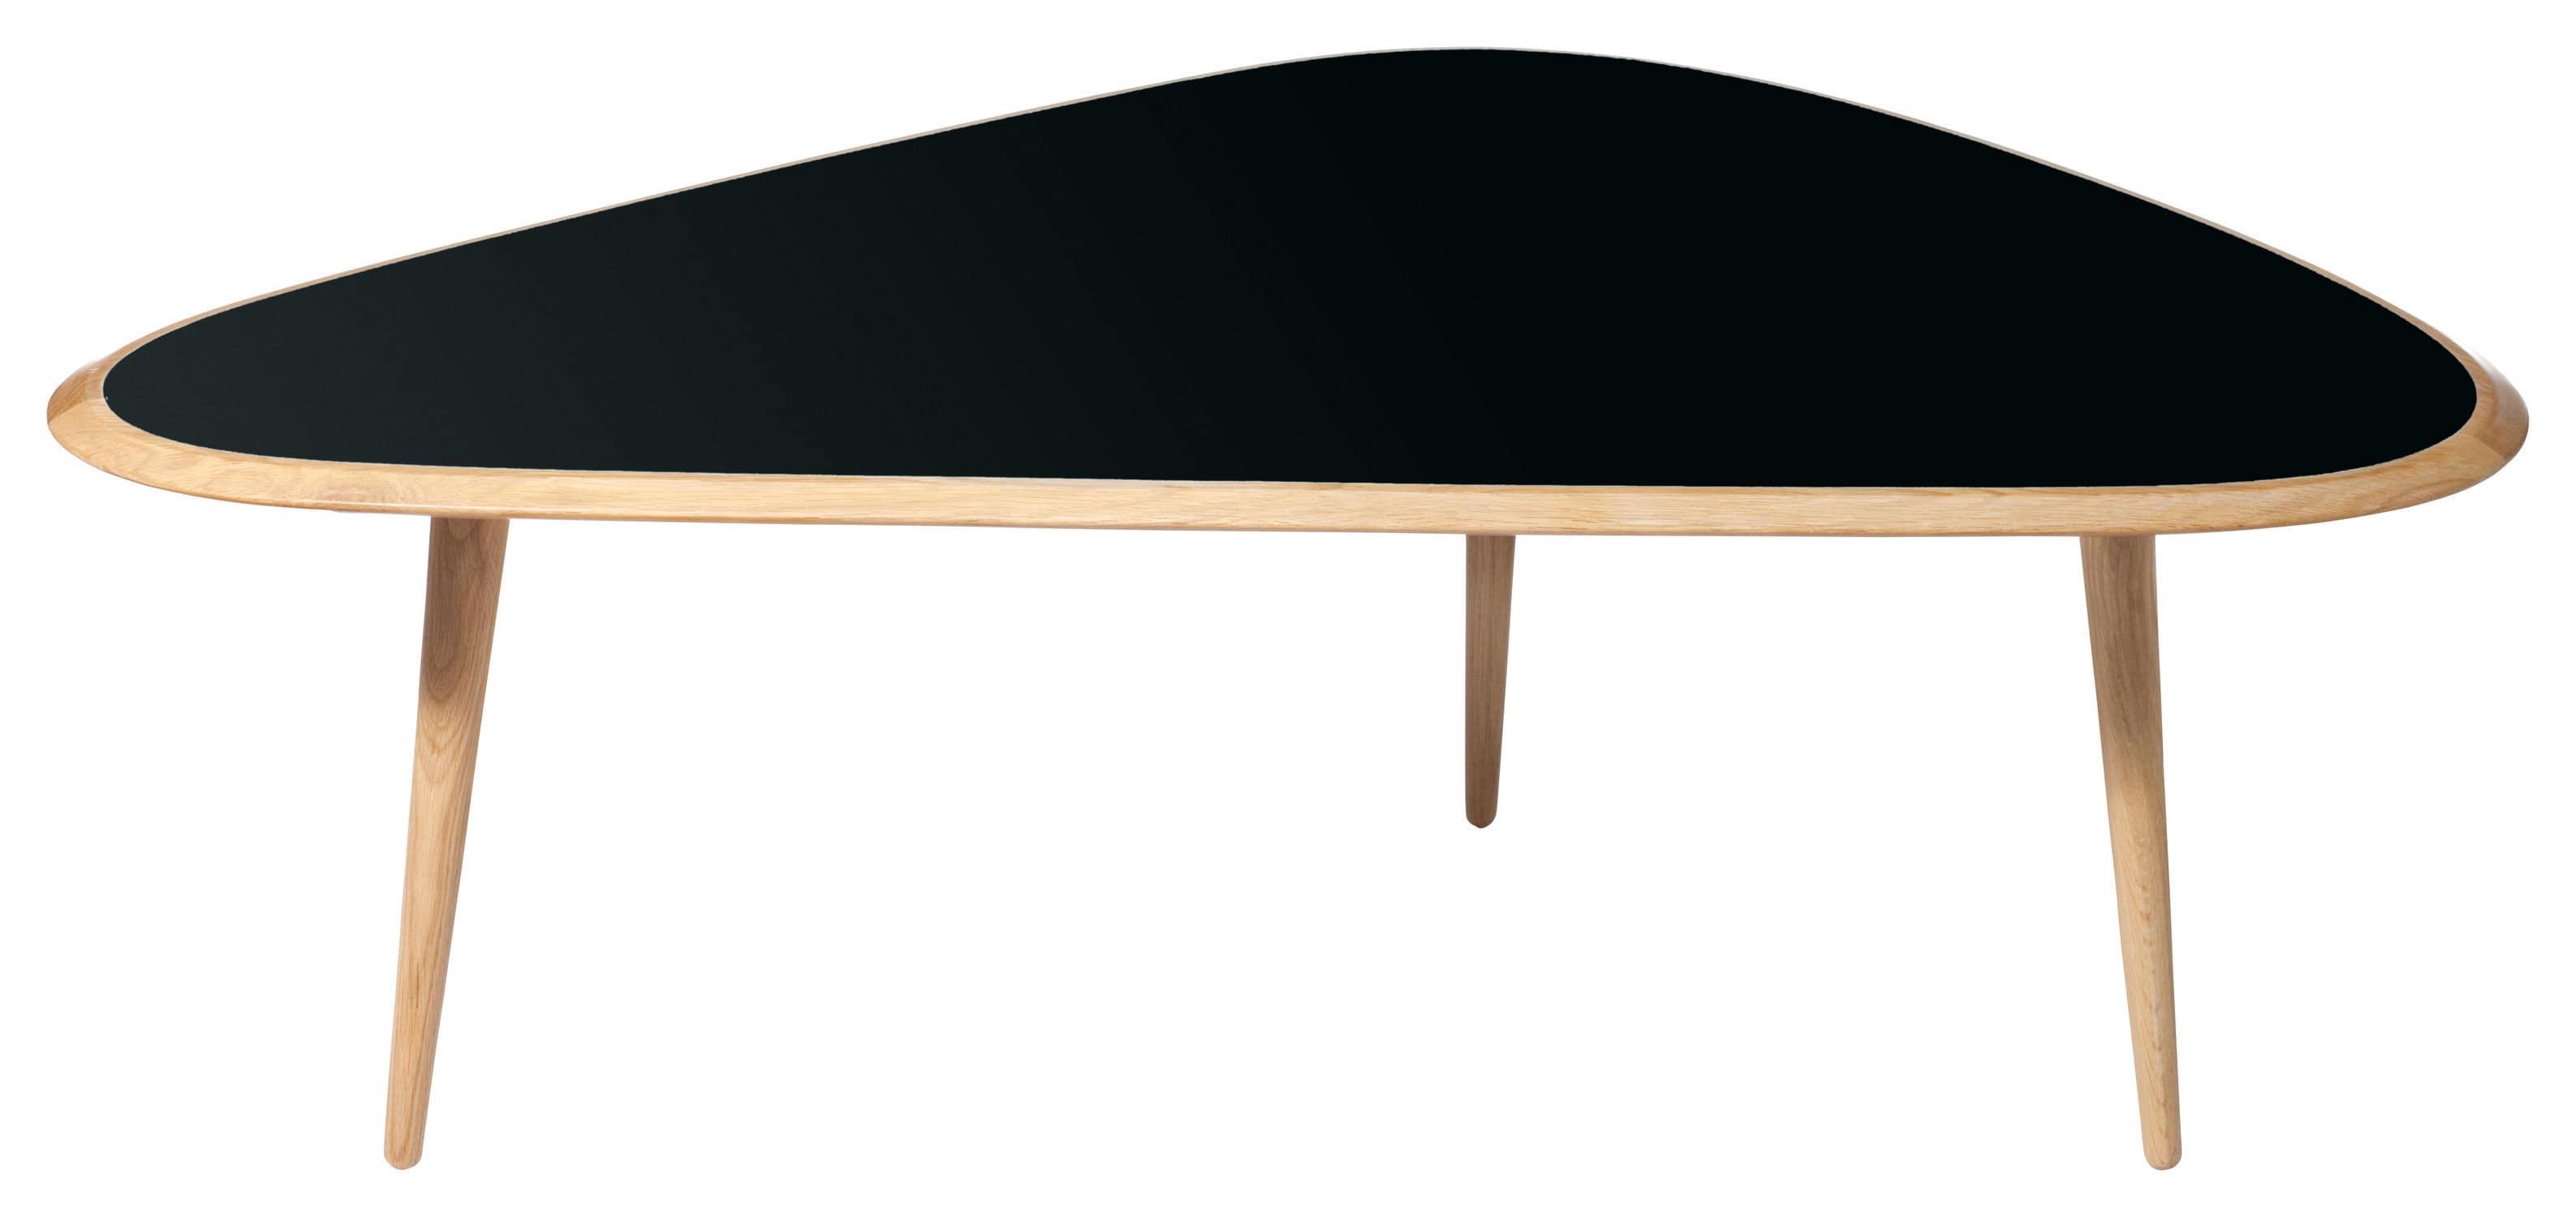 Table Basse Design Scandinave En Chene En Bois Laque Triangulaire